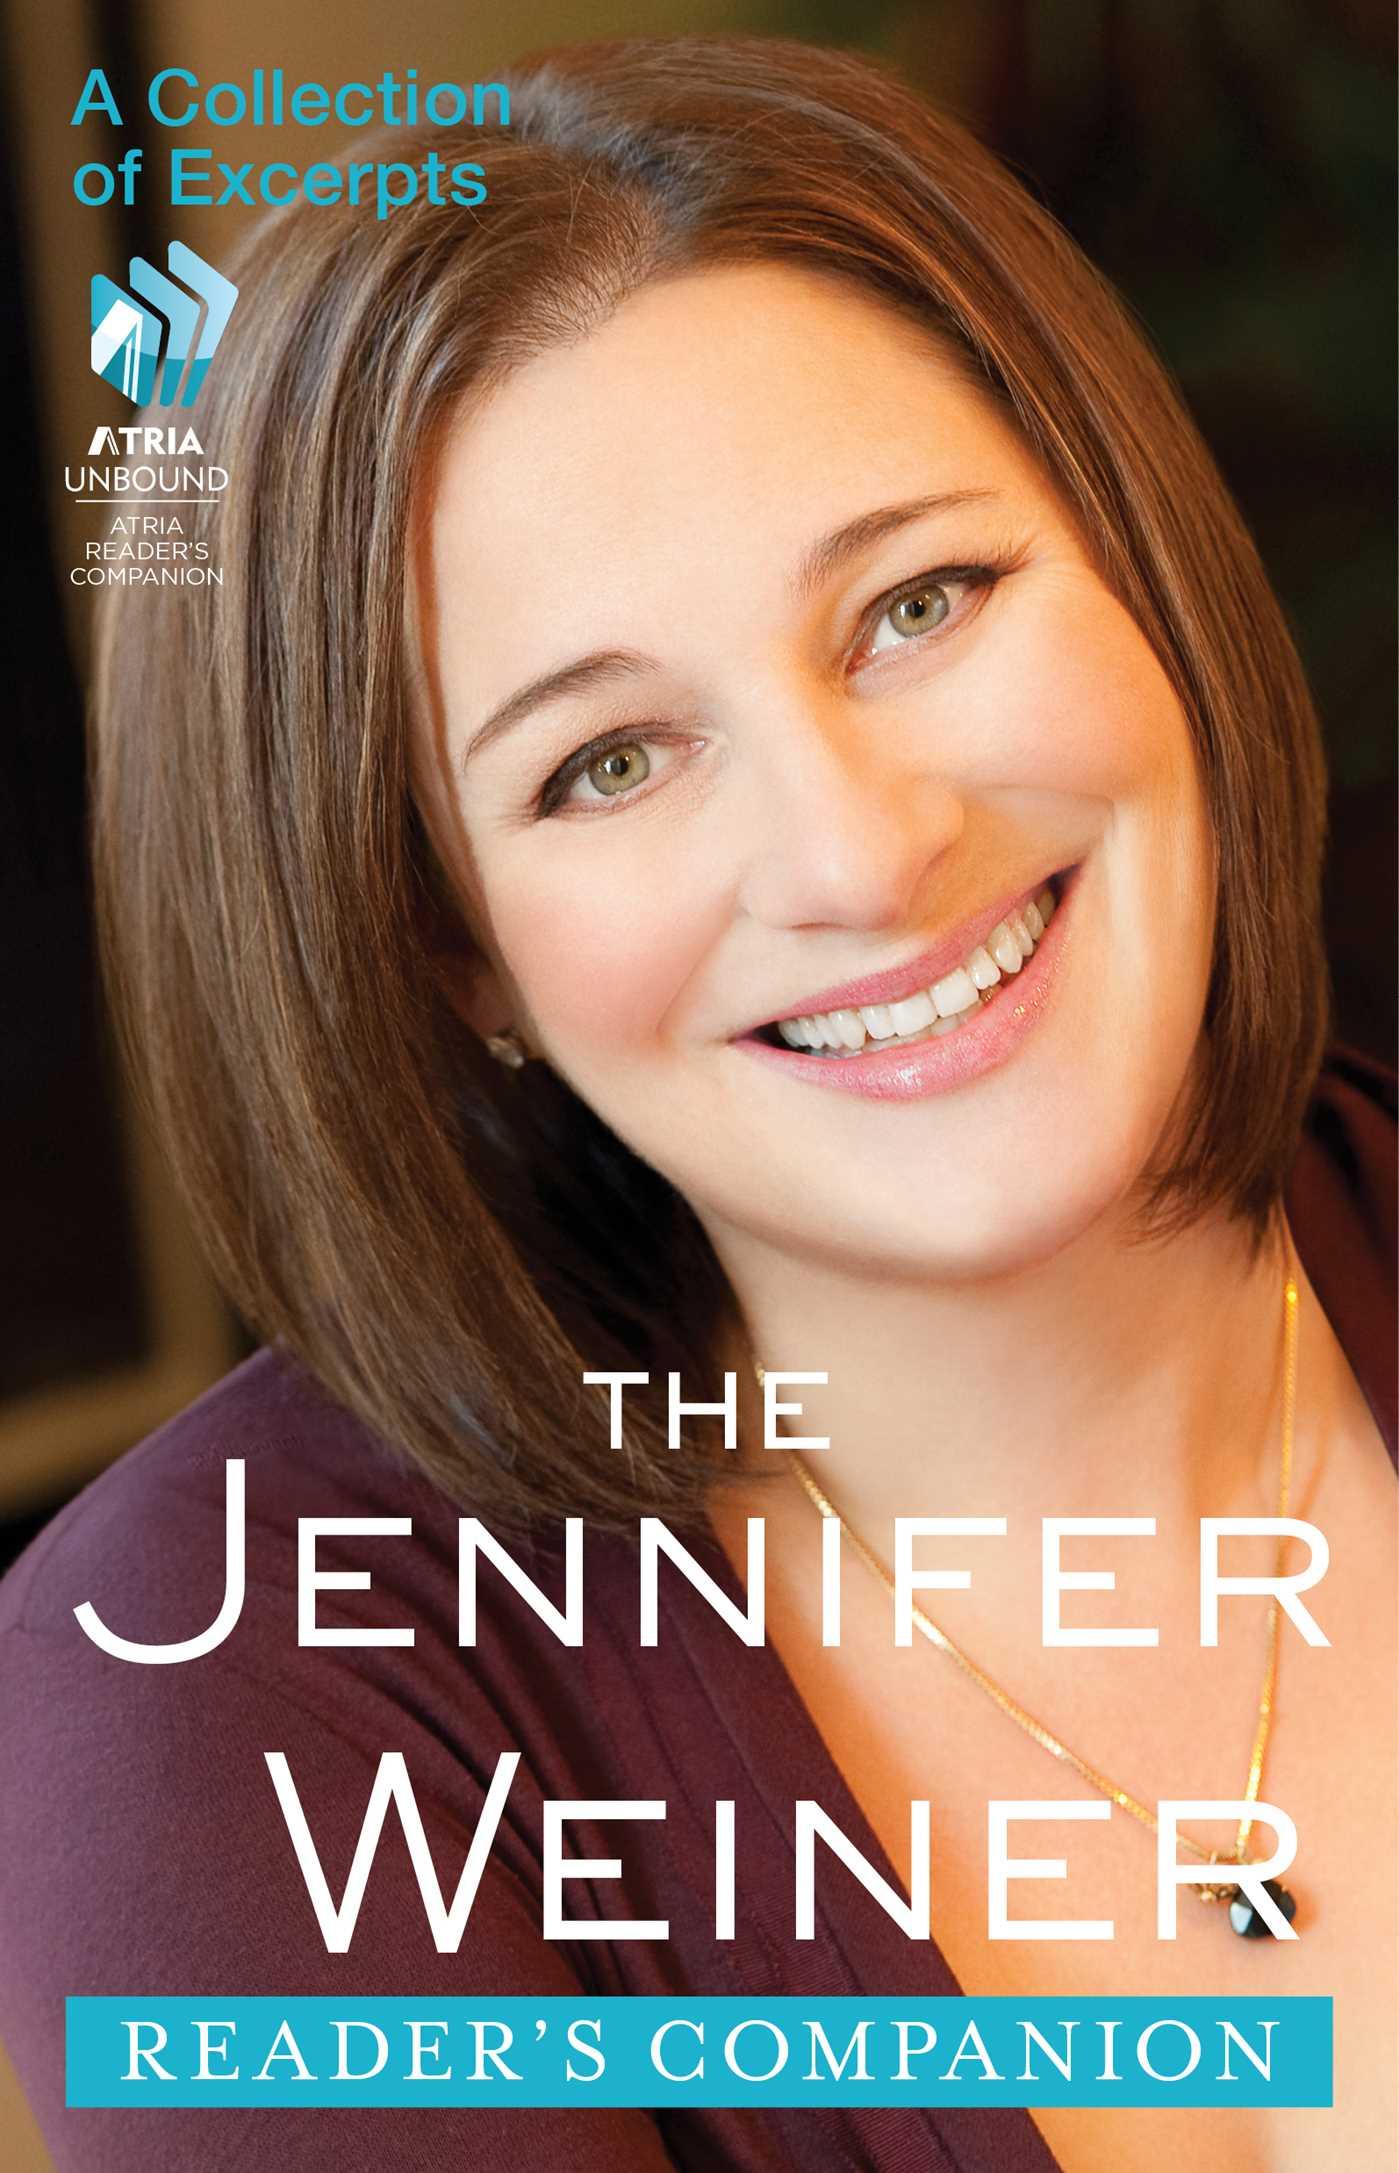 The jennifer weiner readers companion 9781451695700 hr